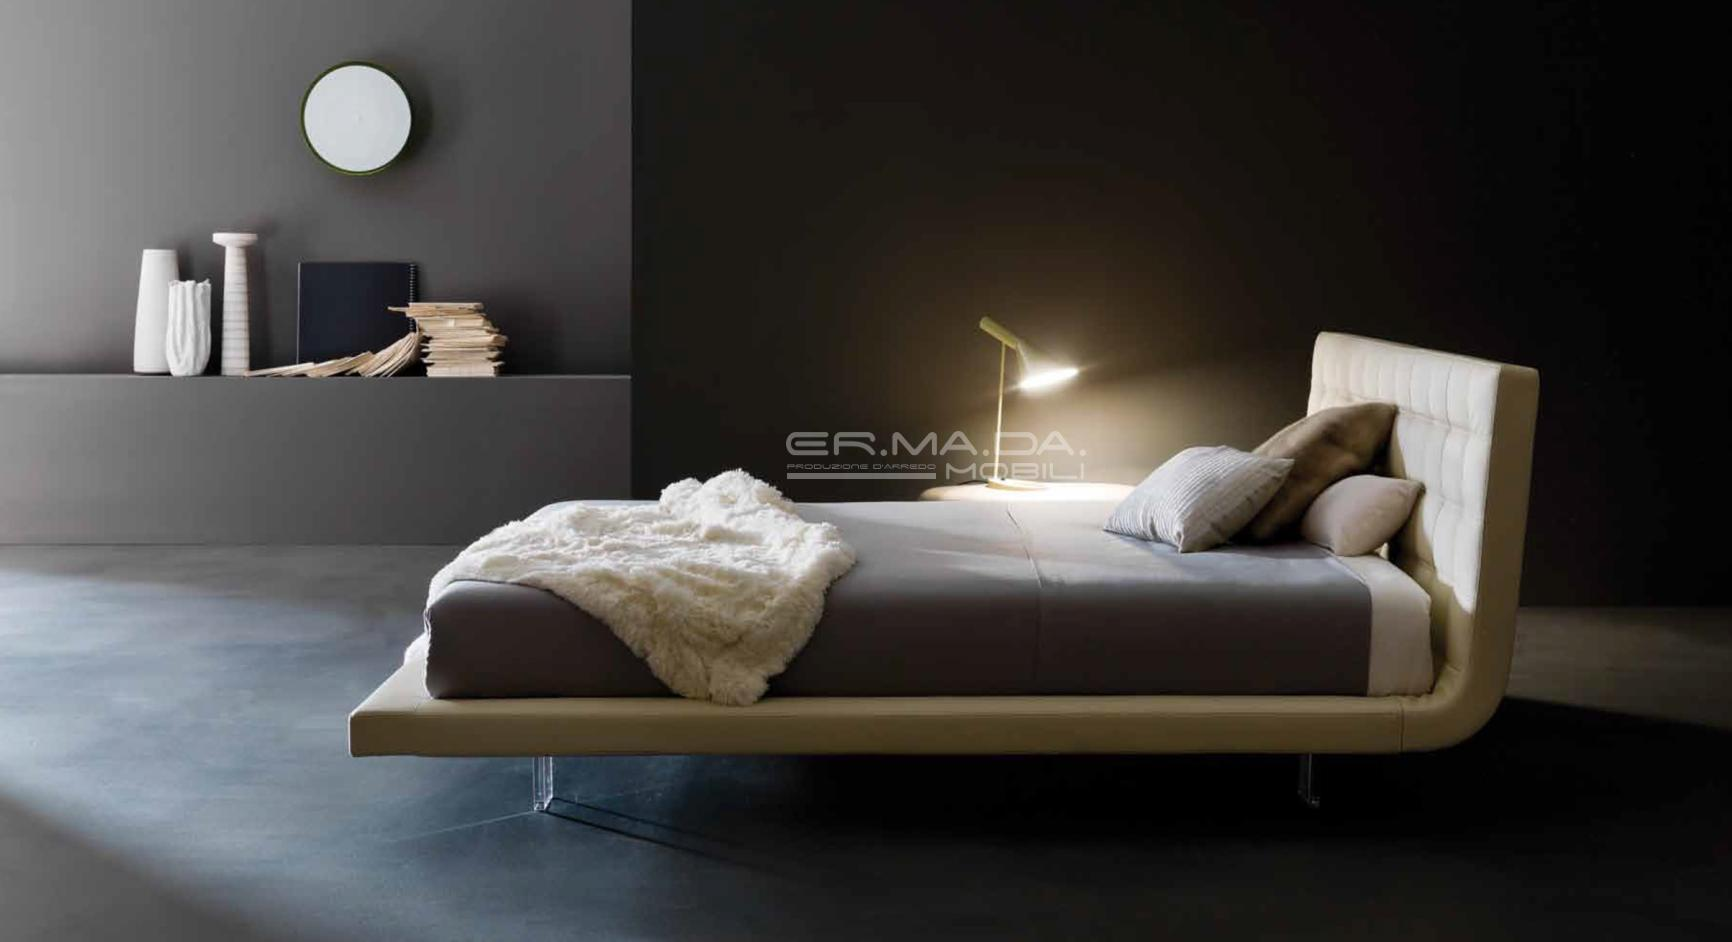 31 letto moderno imbottito er ma da mobilificio for Letto imbottito moderno